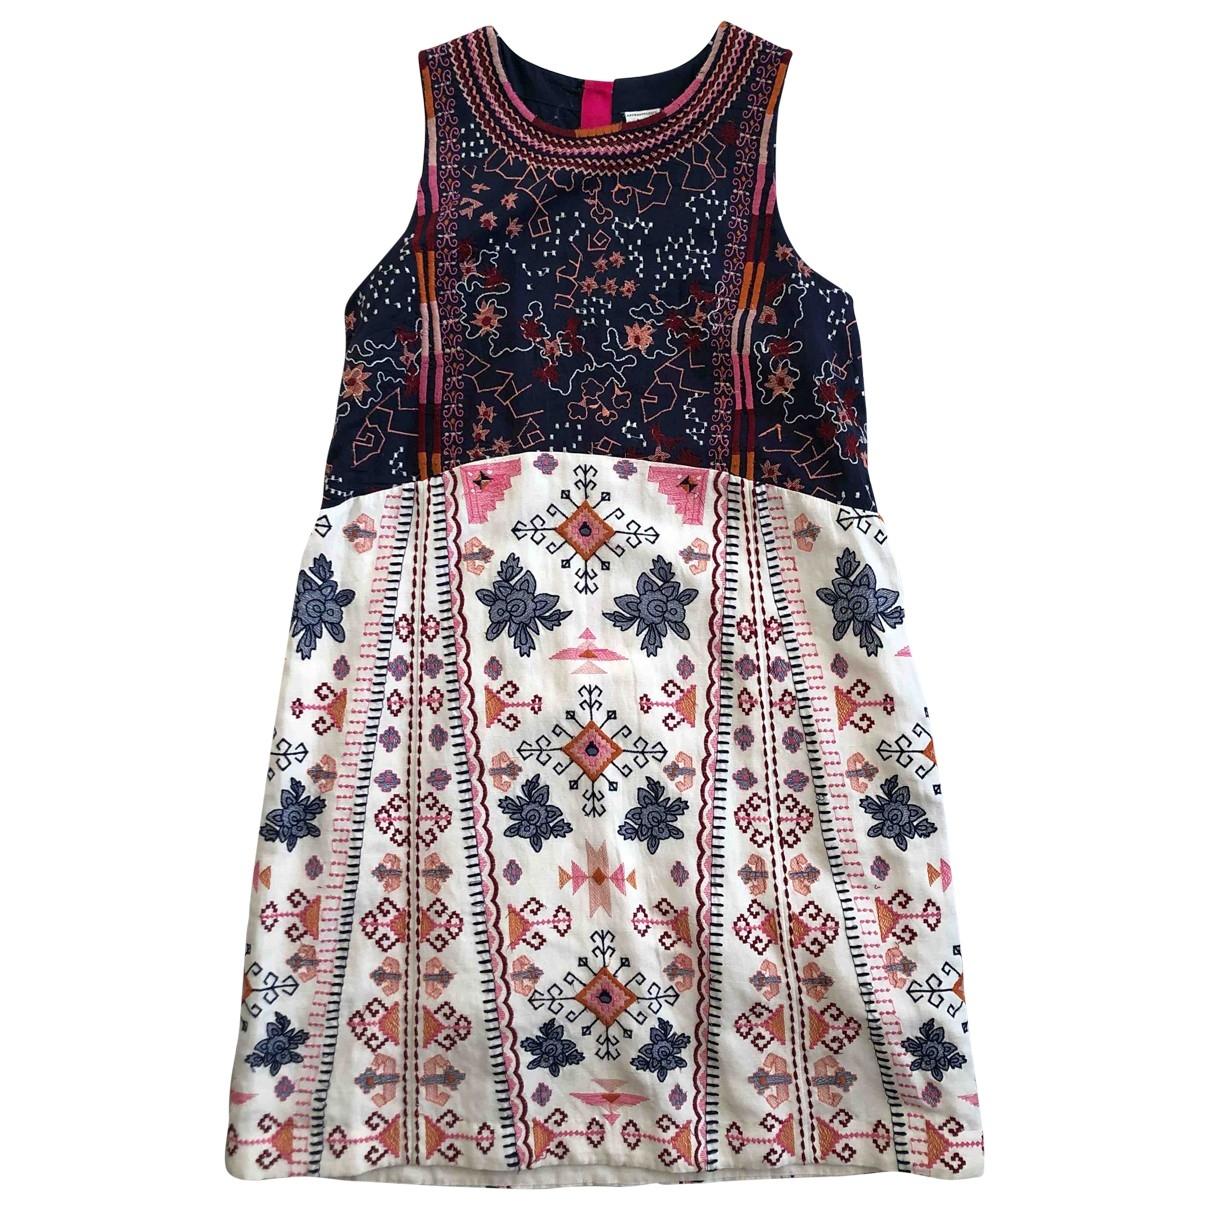 Anthropologie \N Kleid in  Bunt Baumwolle